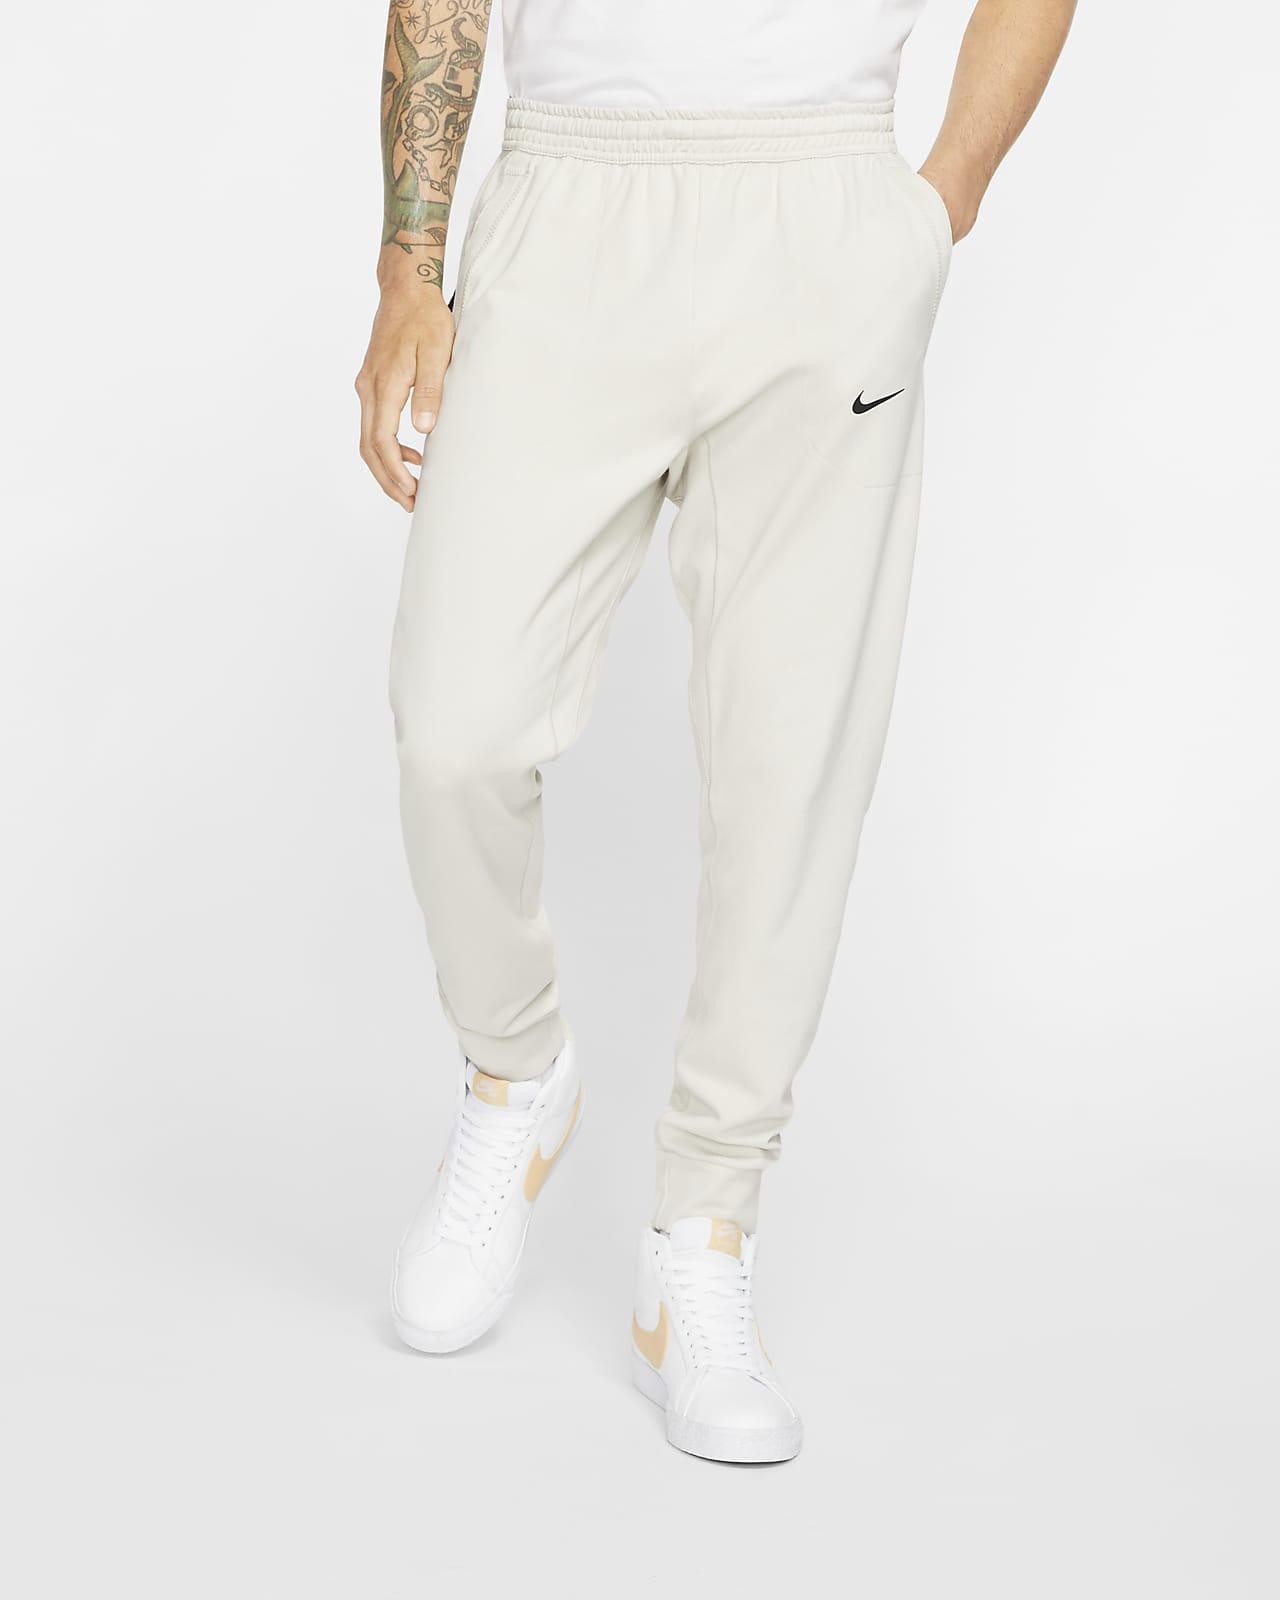 Nike Sportswear Tech Pack Men's Knit Trousers